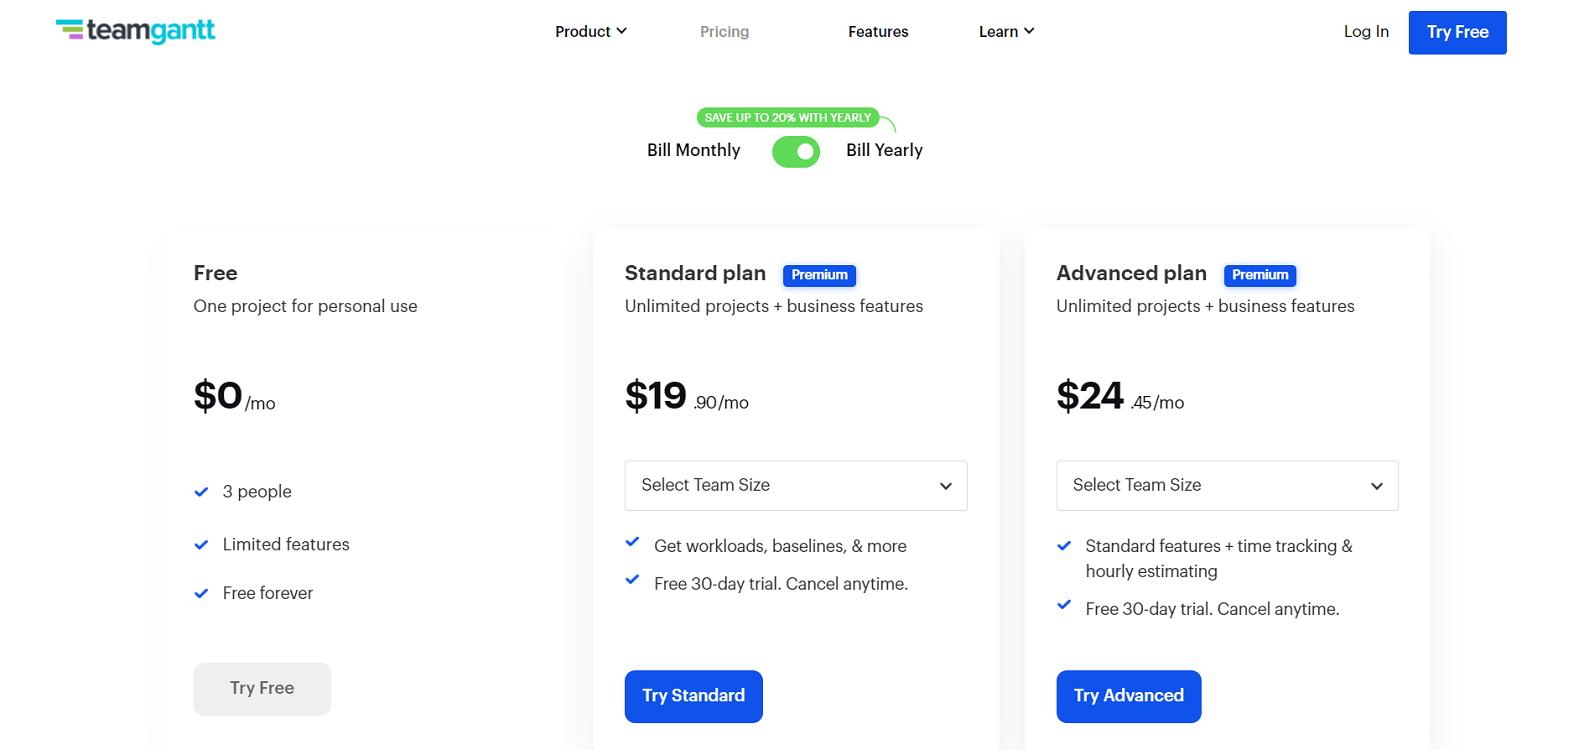 TeamGantt Pricing Page